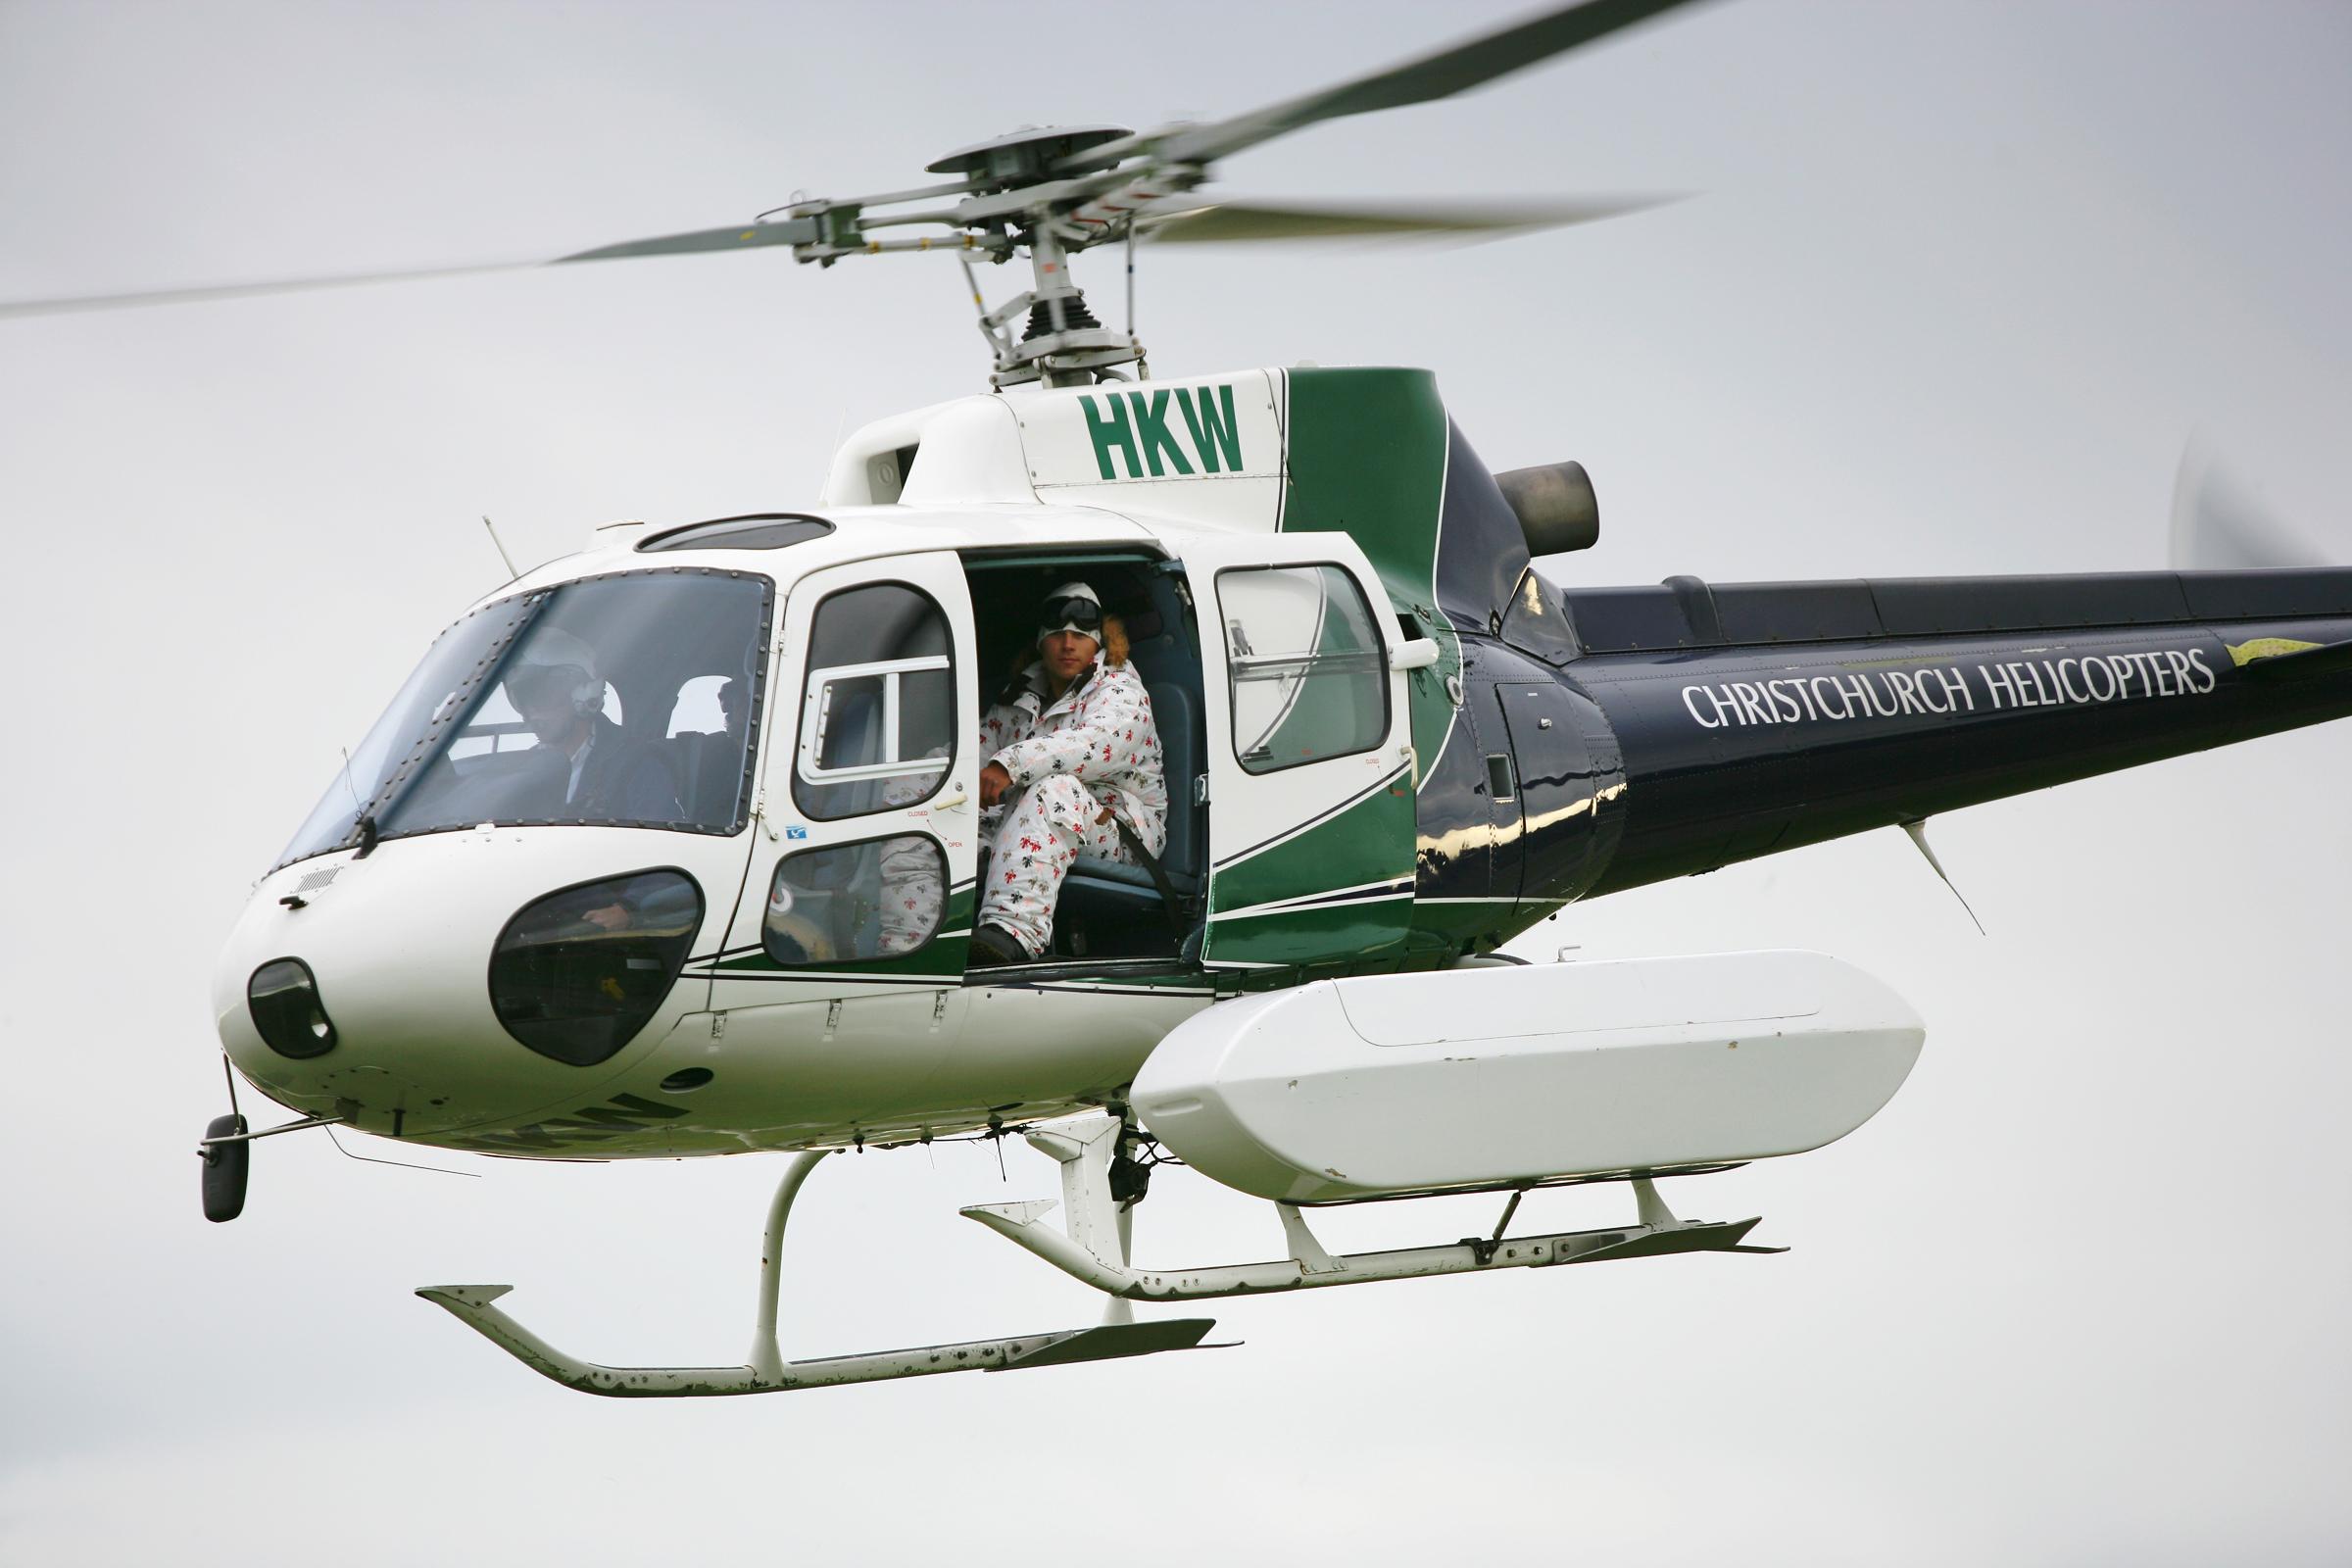 WJ5I8024